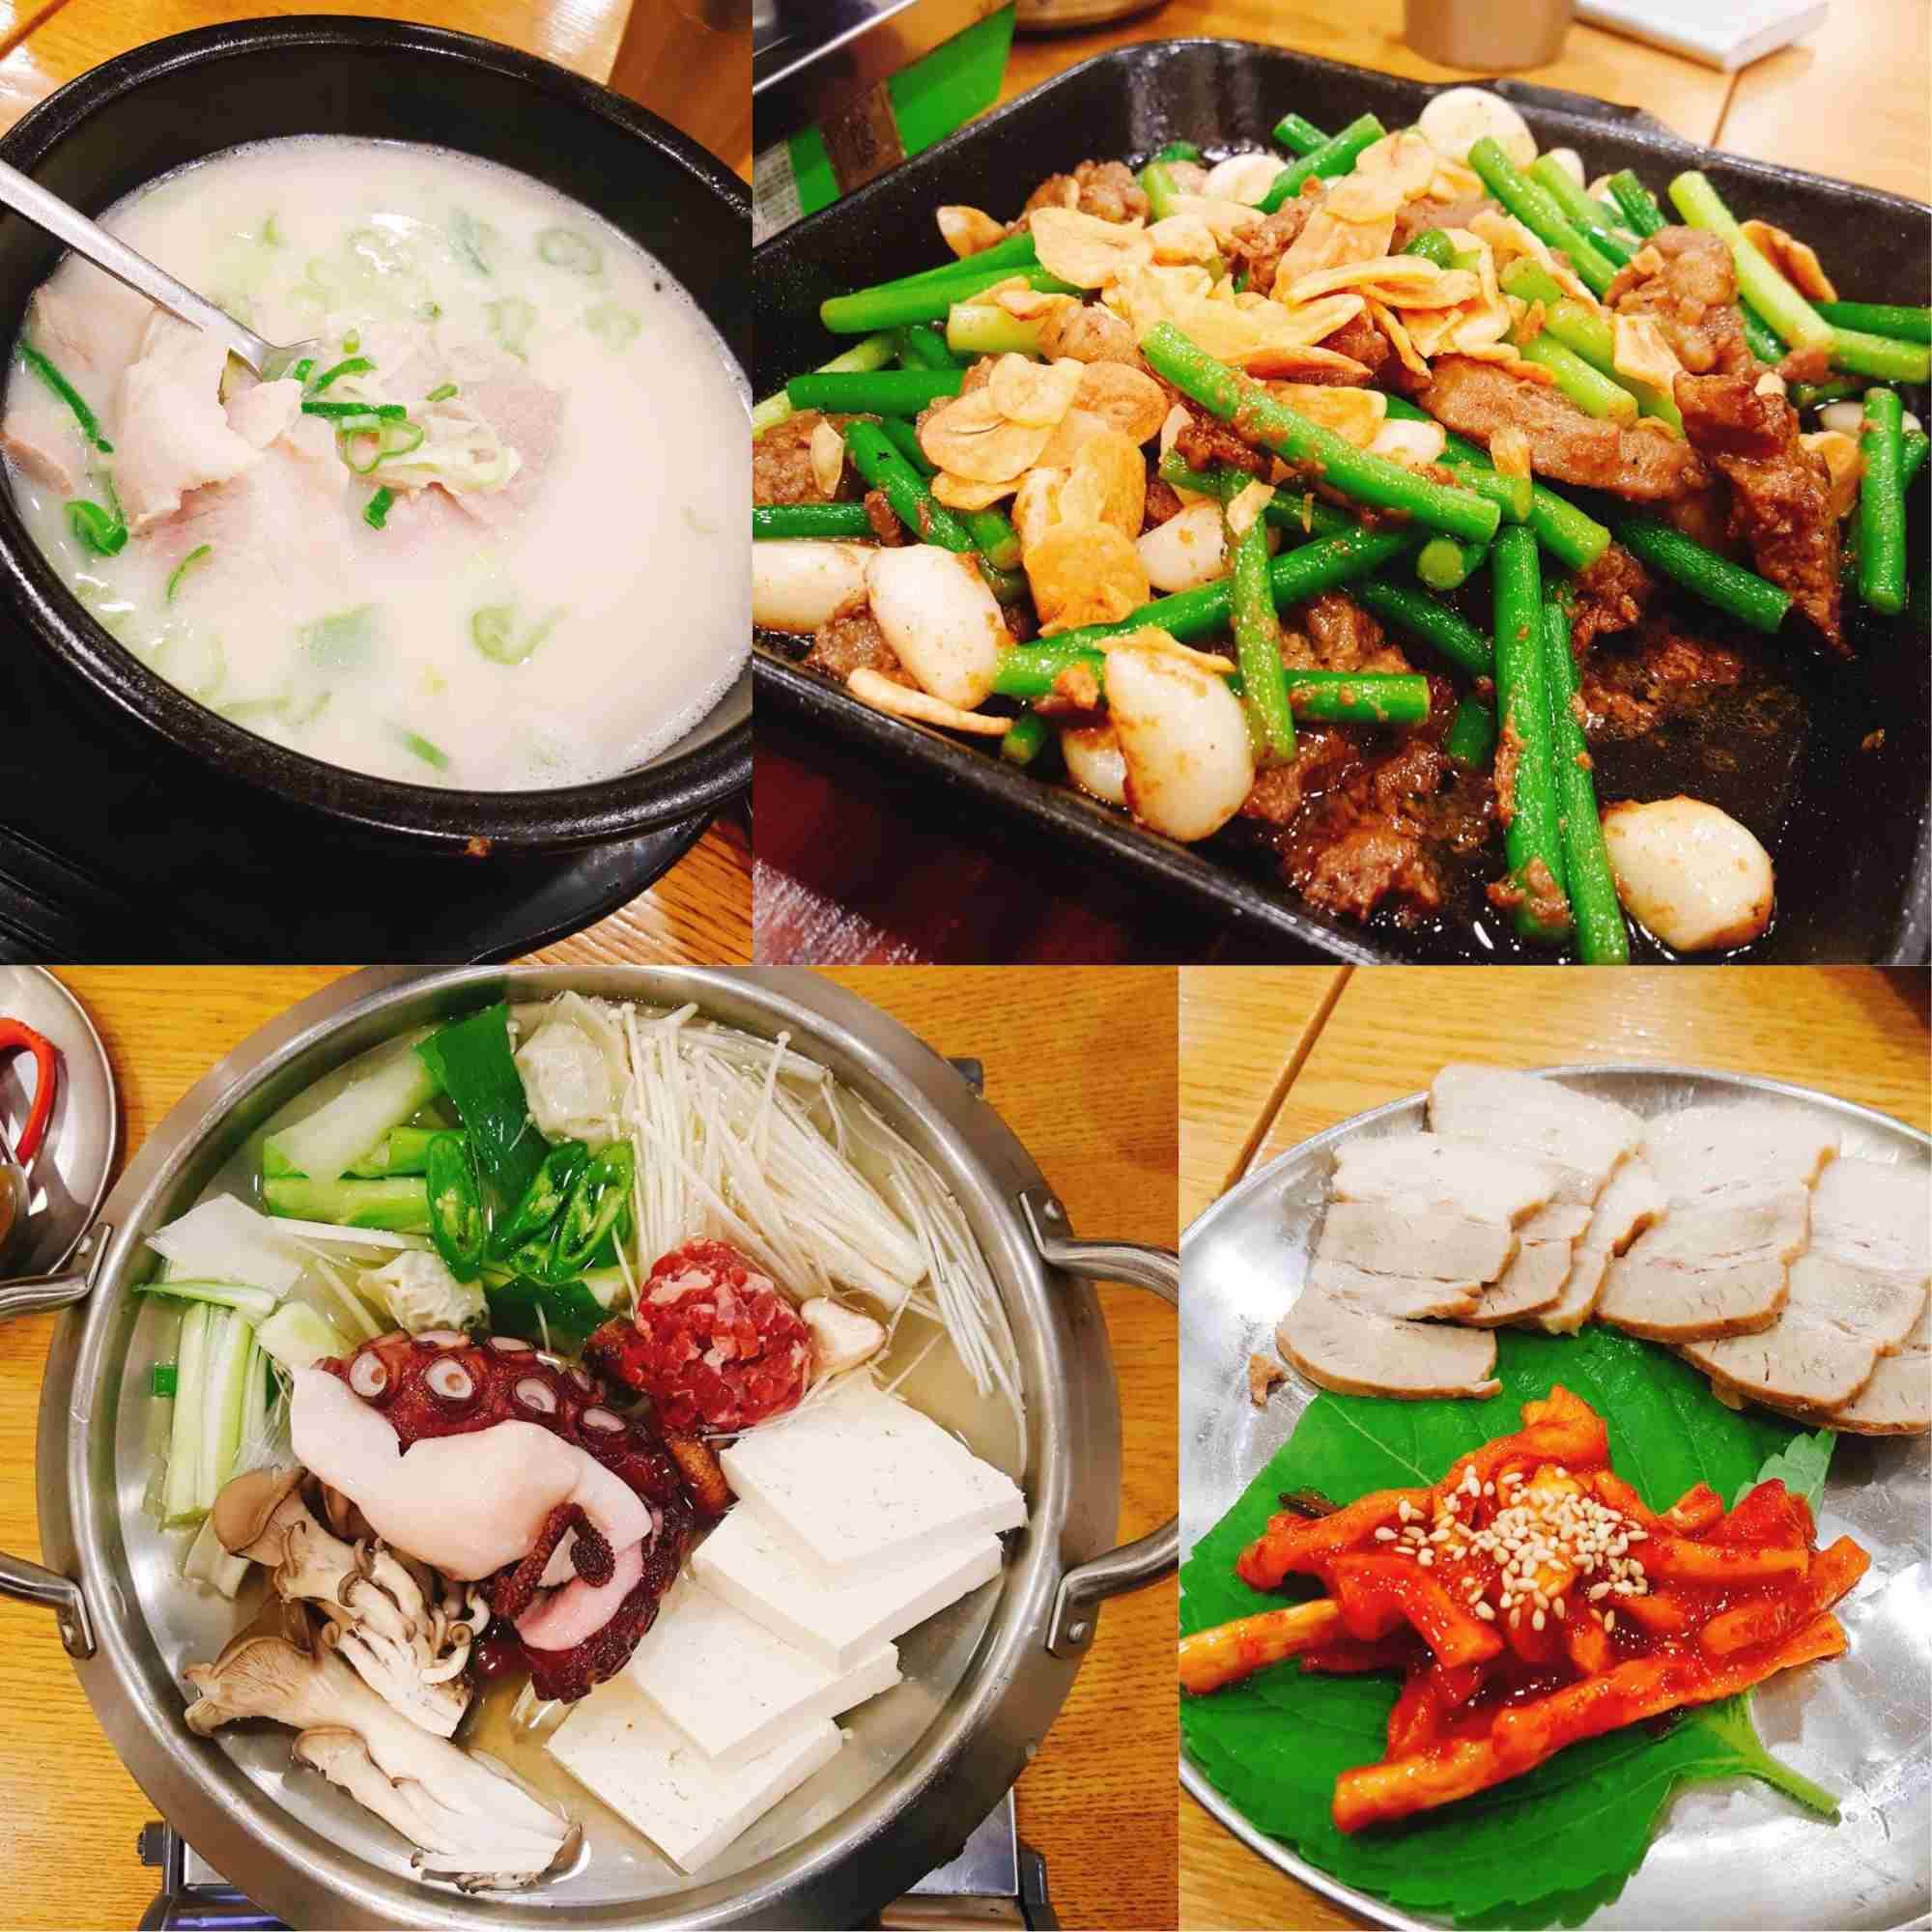 明洞是韓國的觀光聖地,是許多觀光客來韓國旅遊的首選,也形成一些不成比例的物價,如果旅遊預算沒有那麼多的朋友們,不妨可以到忠武路晃晃,找尋新的美食餐廳,這次小編循著韓國網友的介紹找到這家位於忠武路的湯飯店